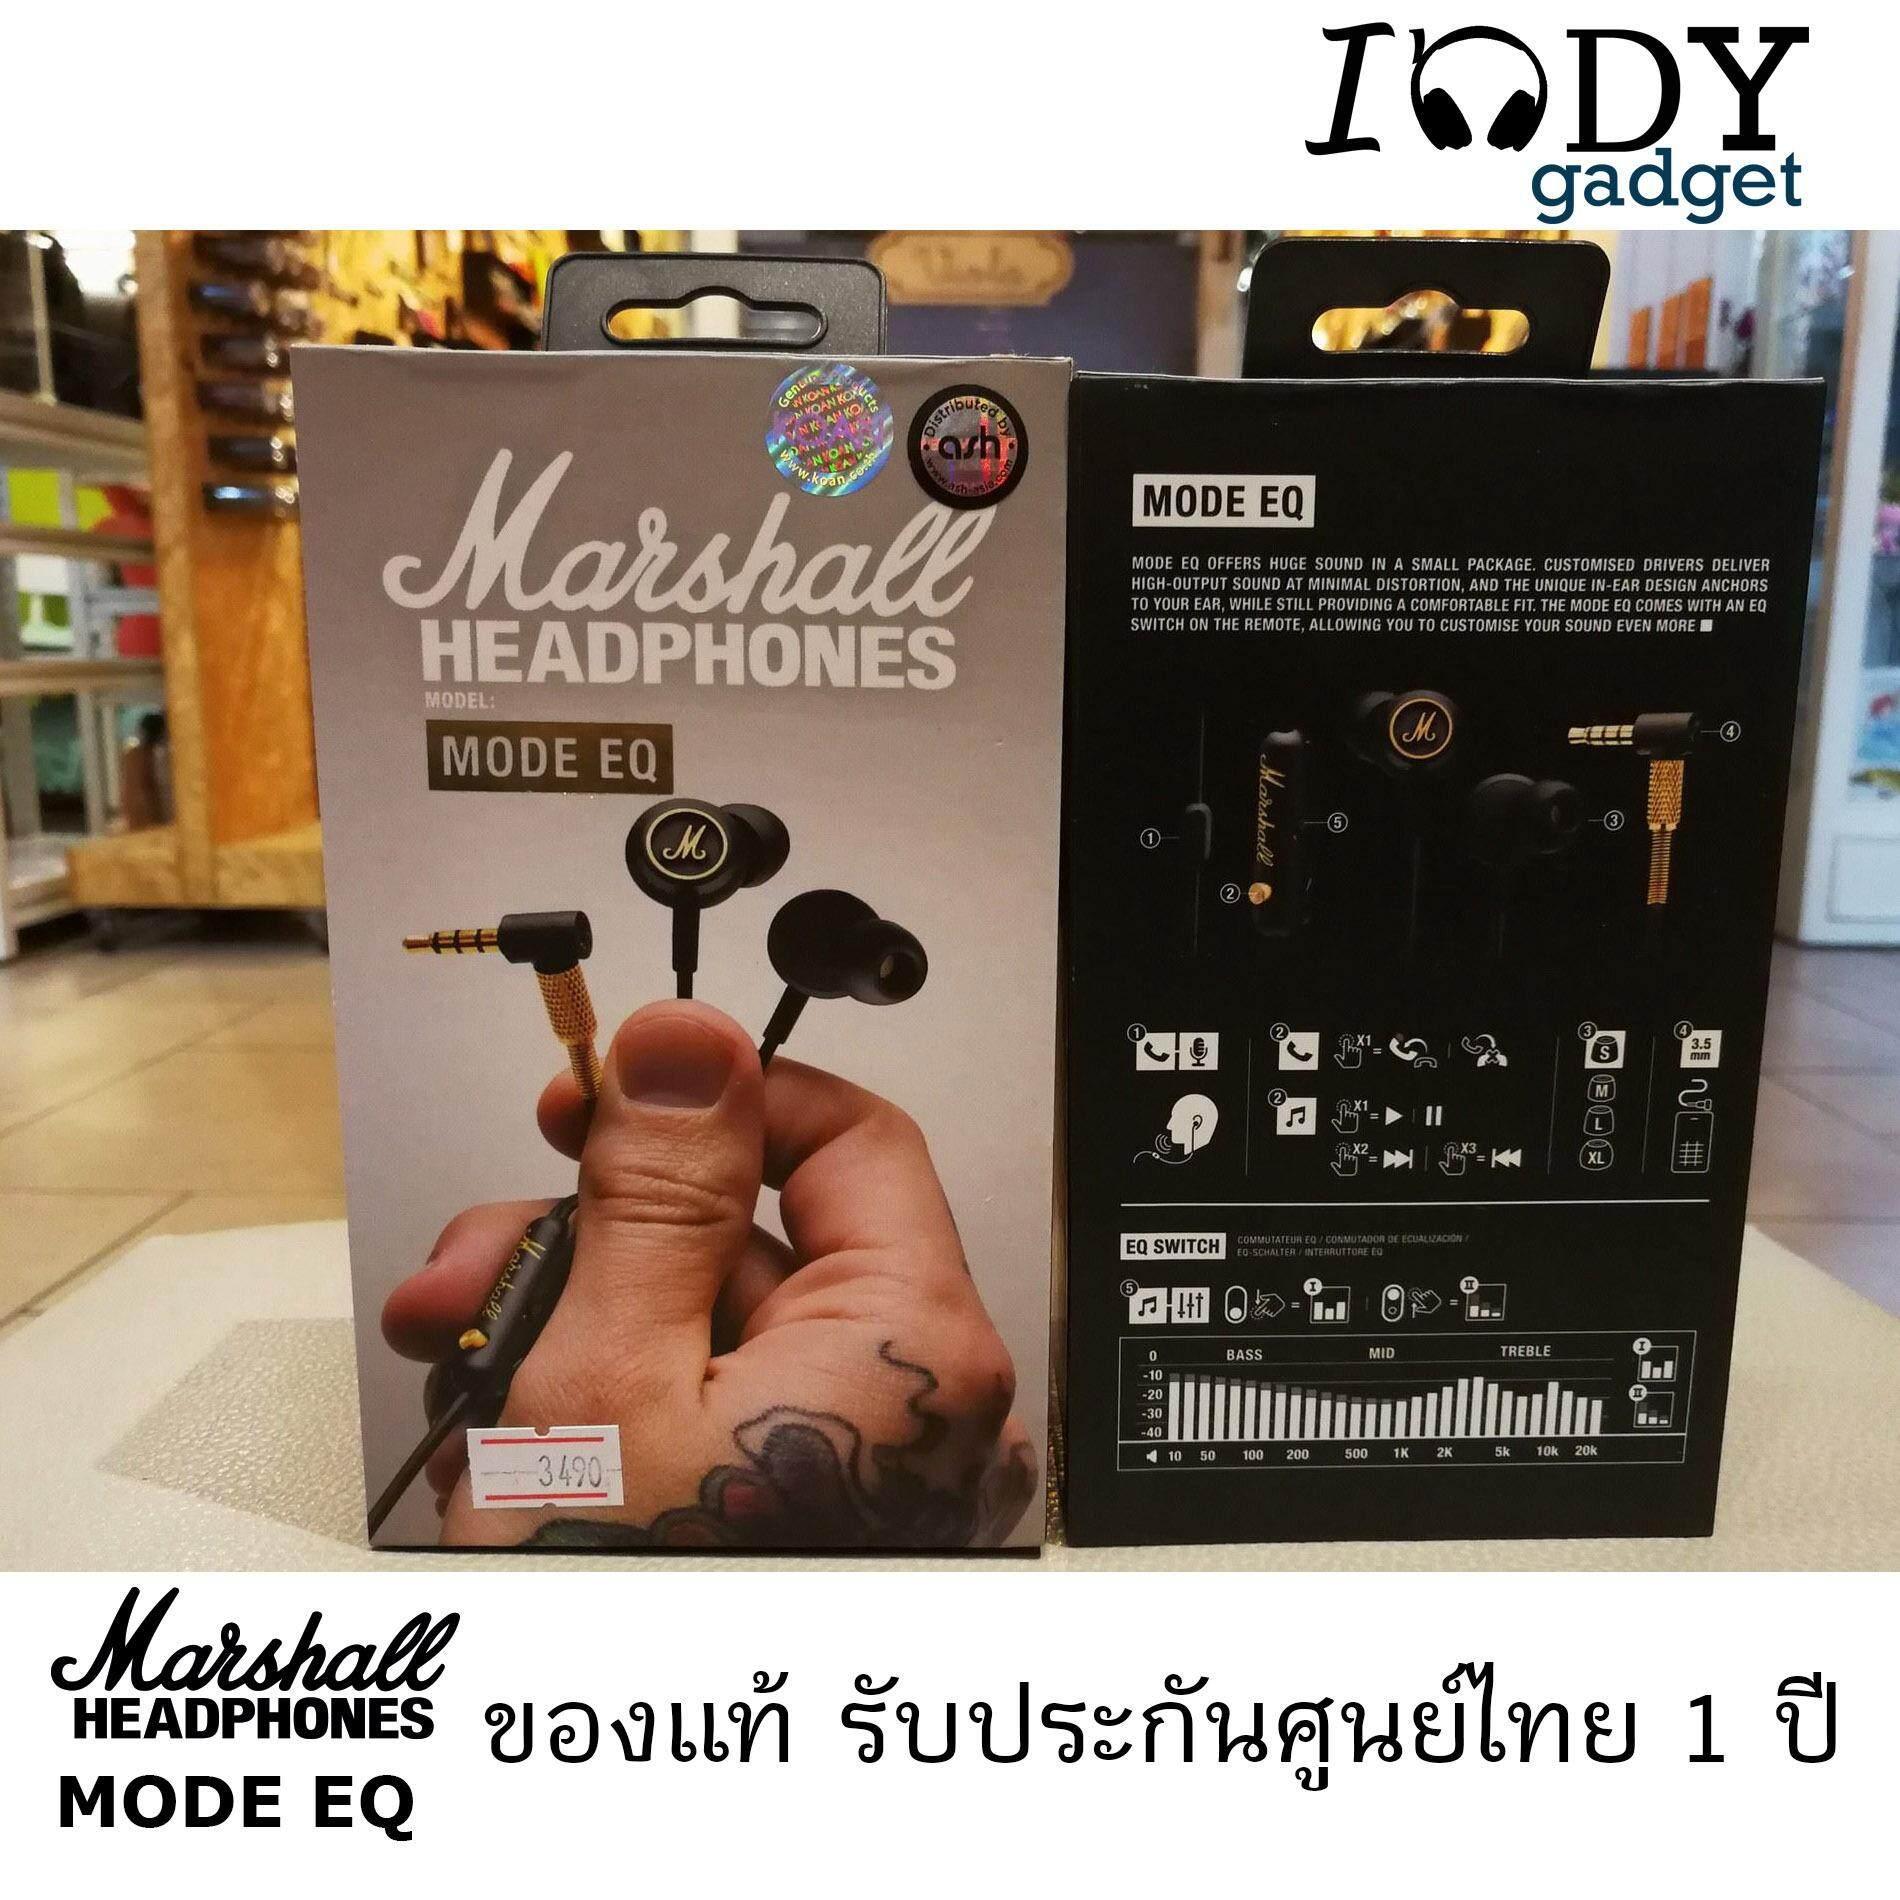 หูฟัง Marshall Mode EQ ของแท้ รับประกันศูนย์ไทย มีหน้าร้านให้บริการที่ศูนย์การค้า Terminal21 หูฟัง Inear พร้อมไมค์ เบสแน่น ฟังสนุก ใส่สบาย